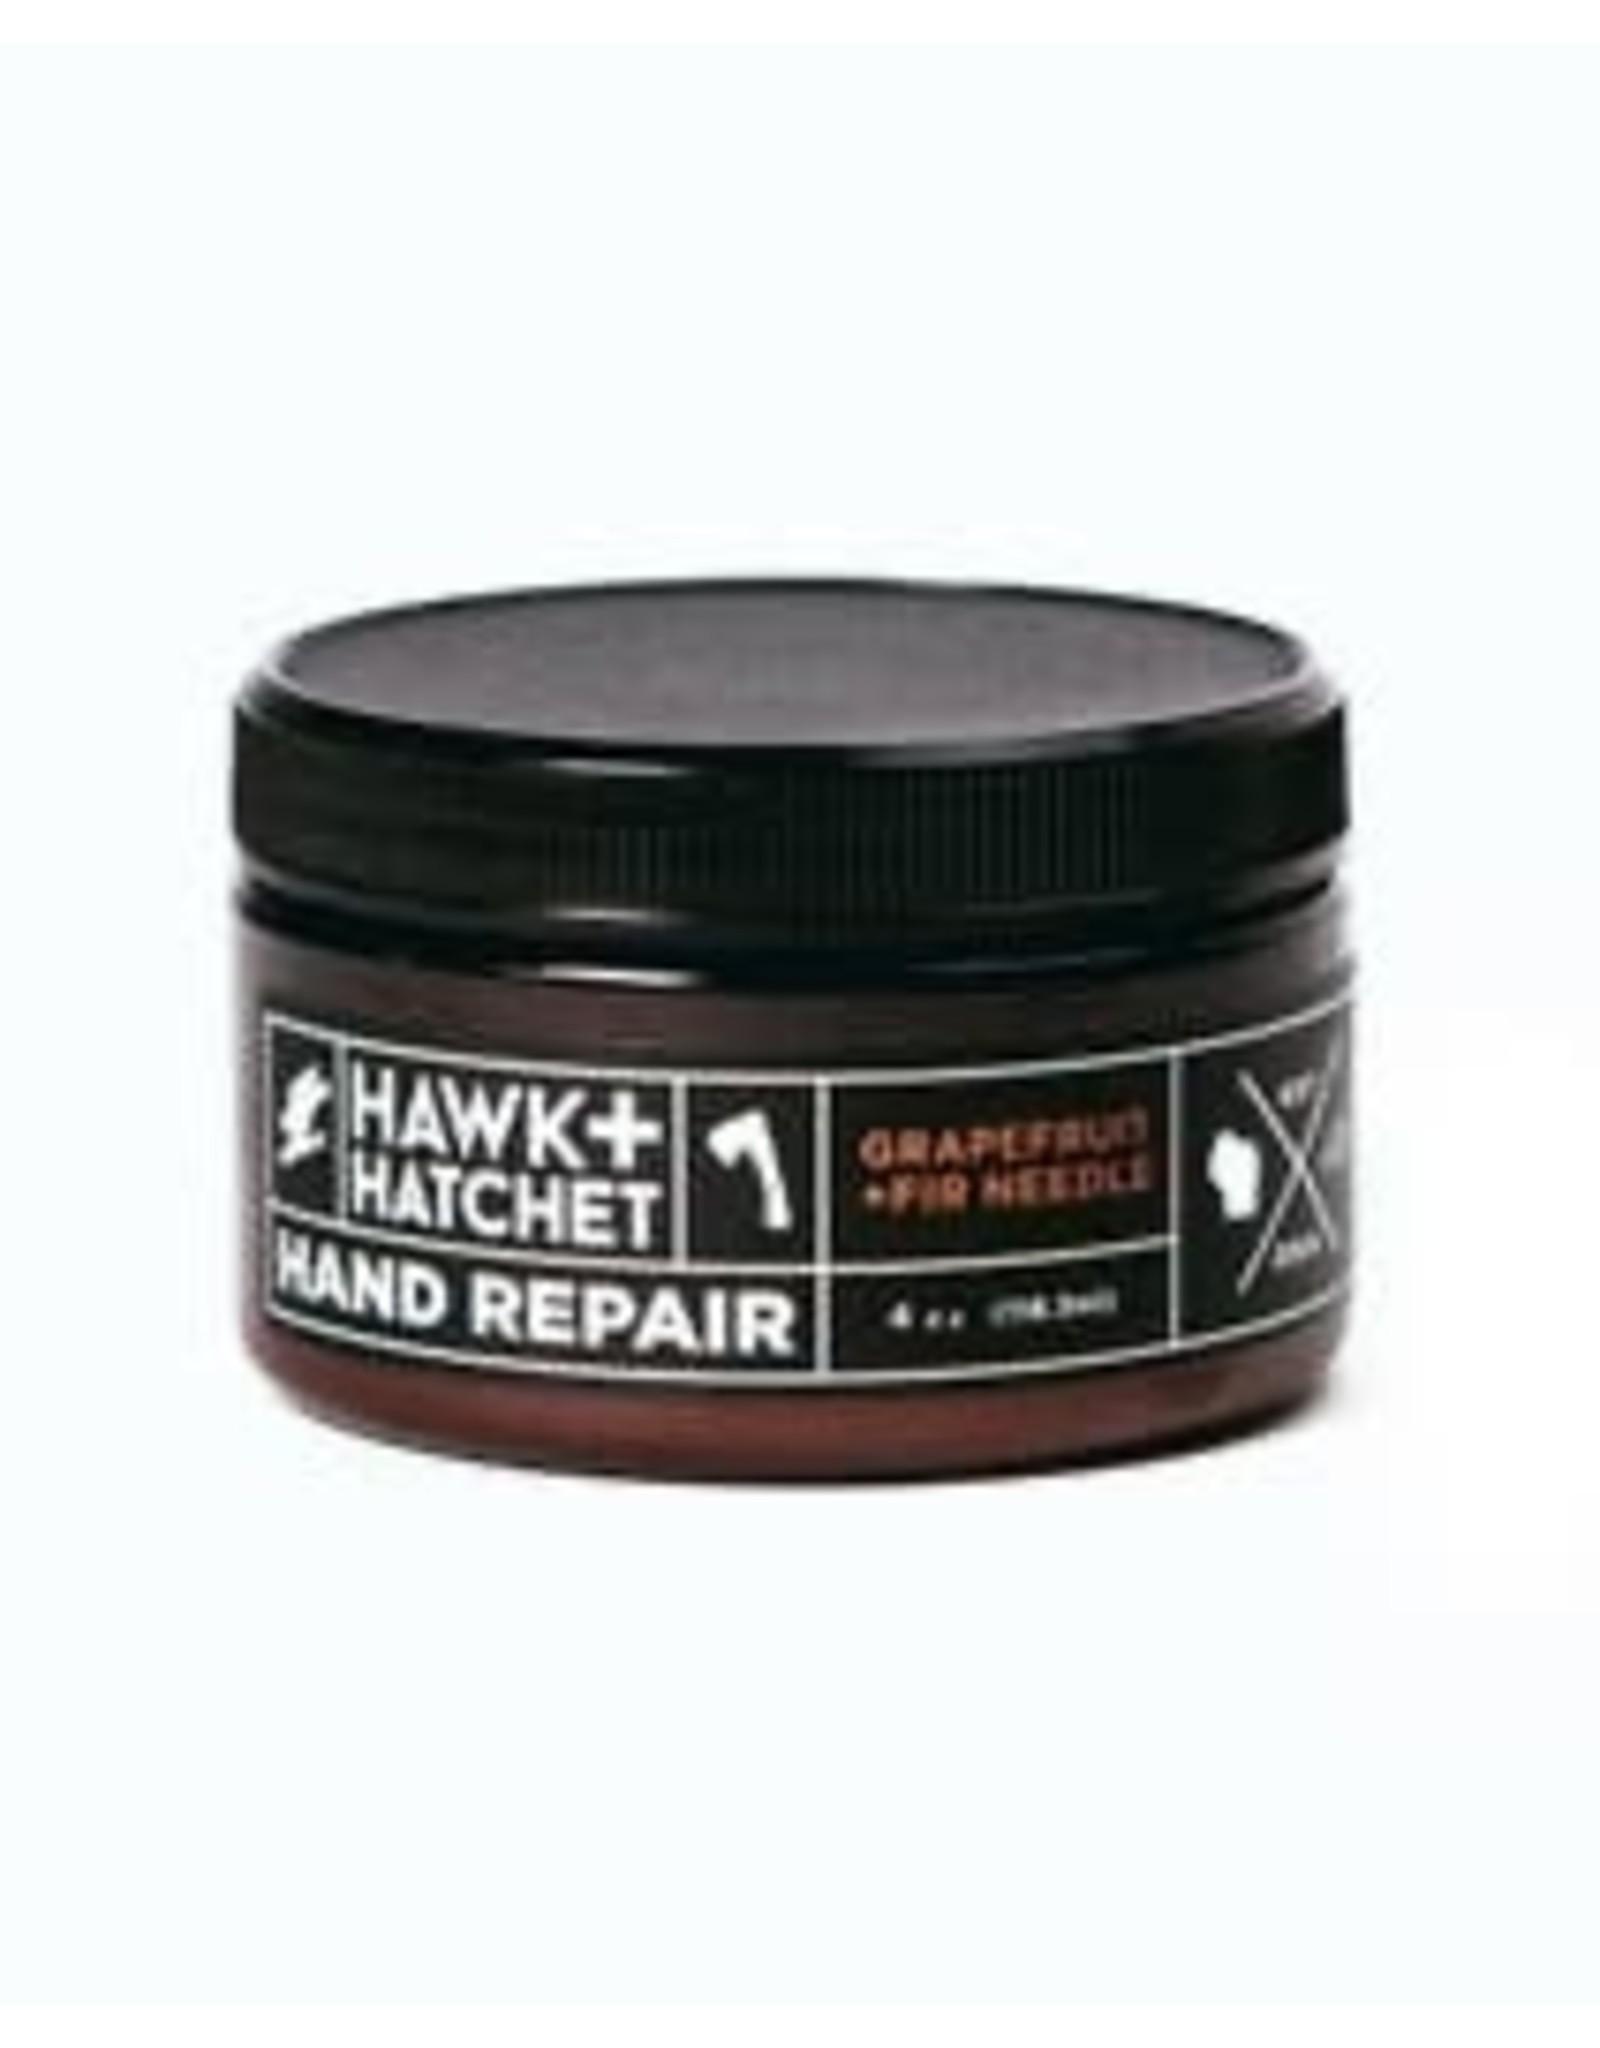 Hawk & Hatchet Hand Repair - Grapefruit & Fir